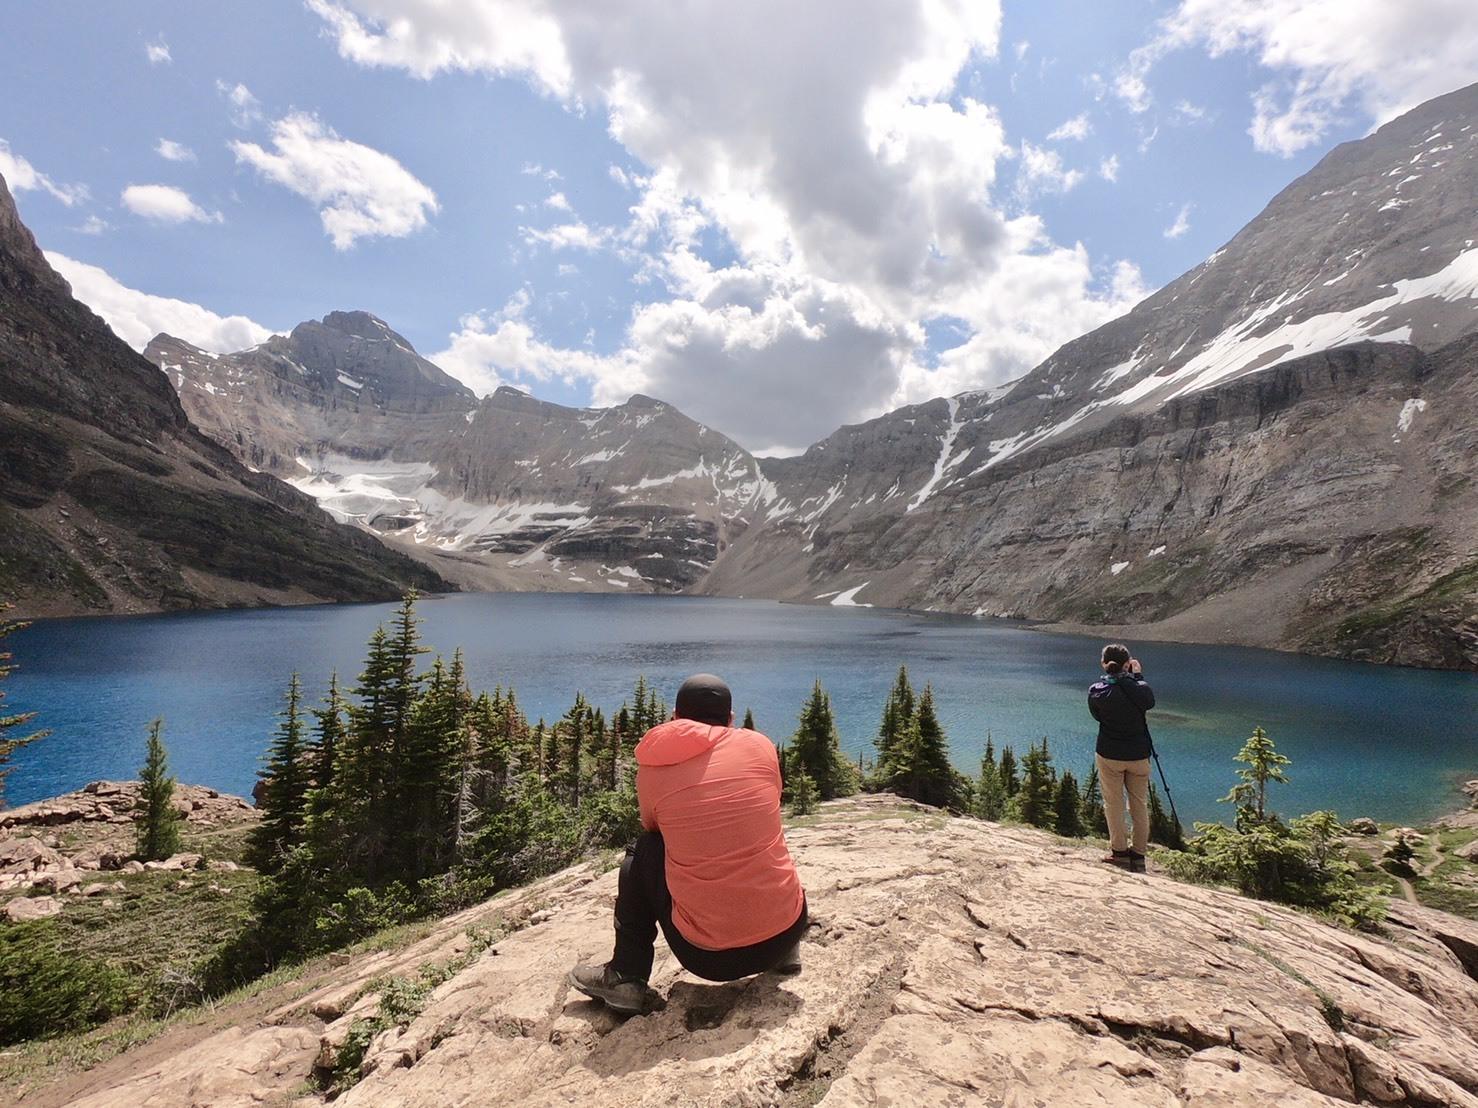 夢をかなえるプライベートハイキング。清水夫妻と行くレイクオハラの旅_d0112928_12013290.jpg